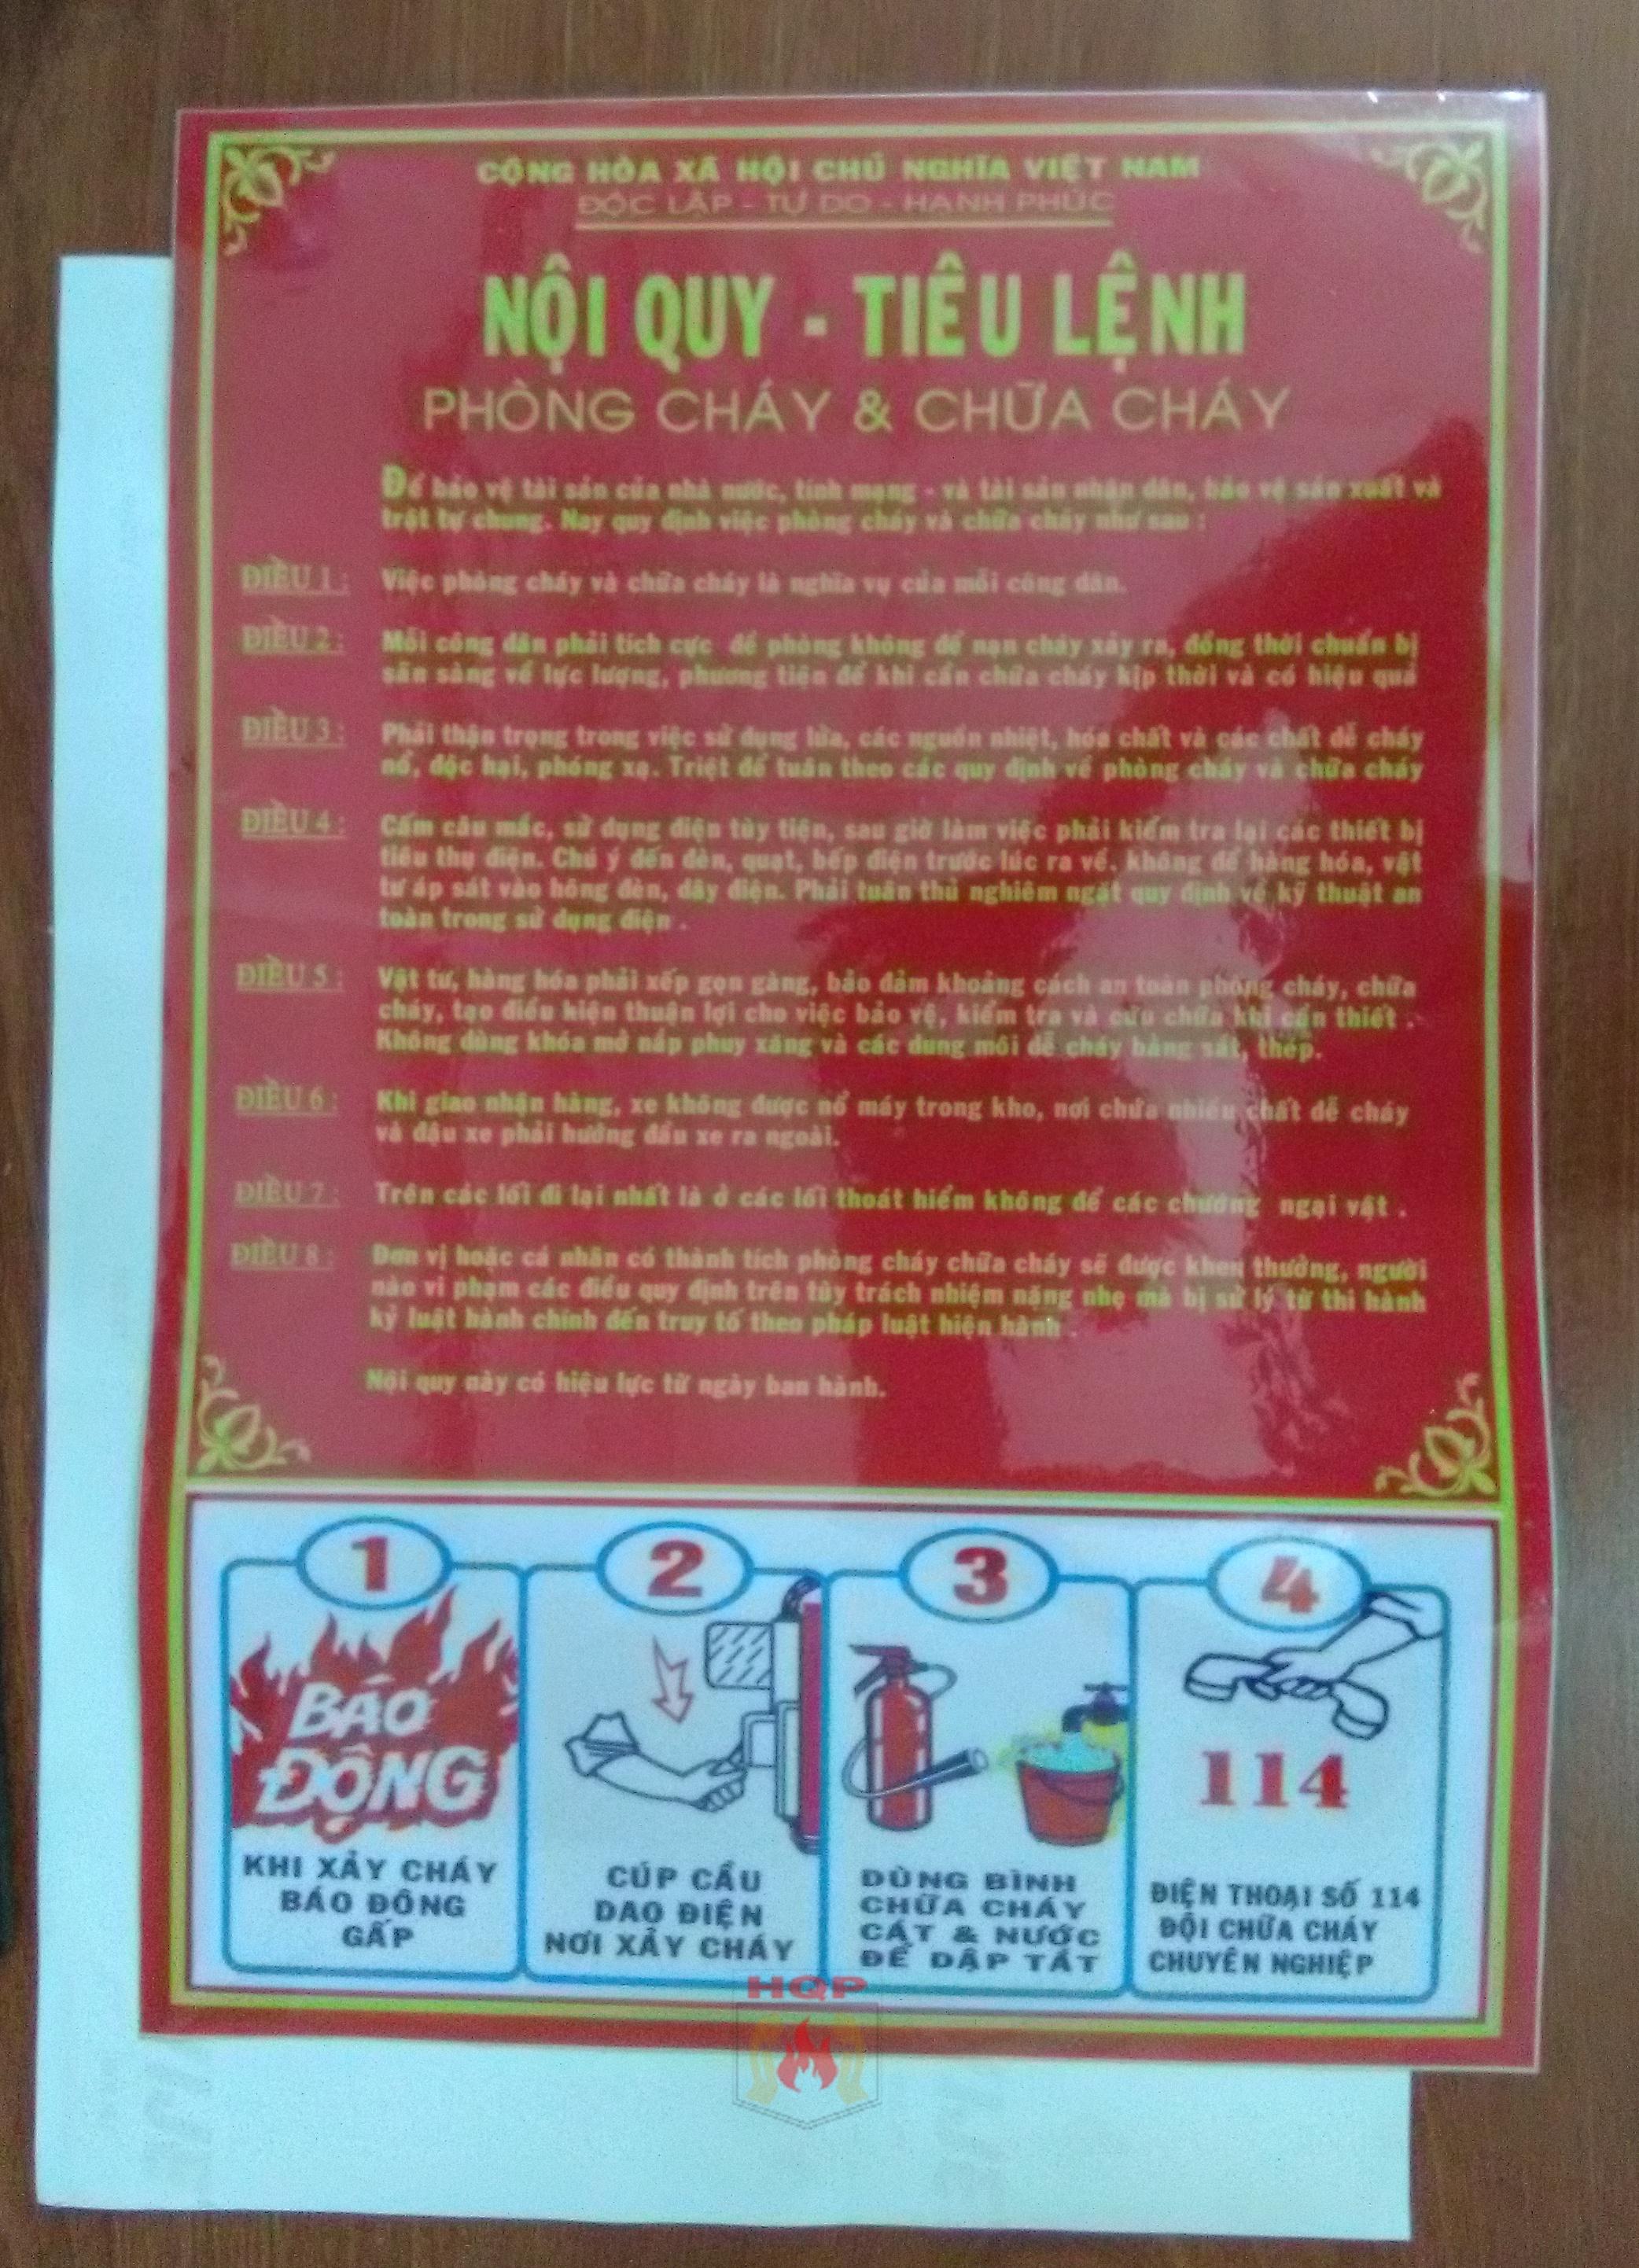 bảng nội quy chữa cháy bằng decal dán